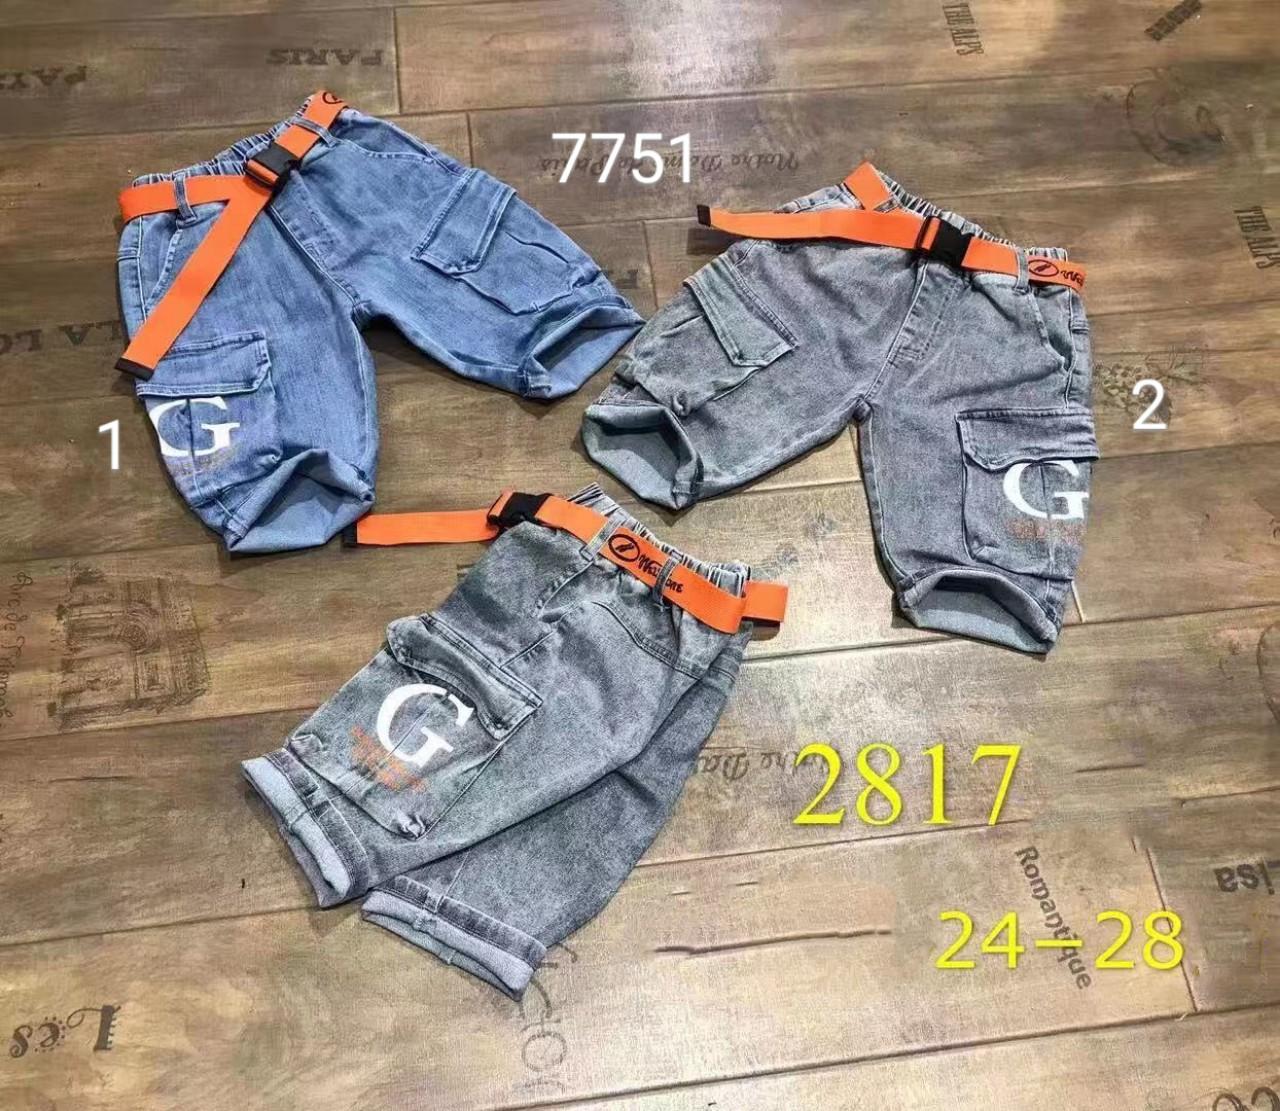 7751. Quần jeans hàng Quảng Châu cao cấp